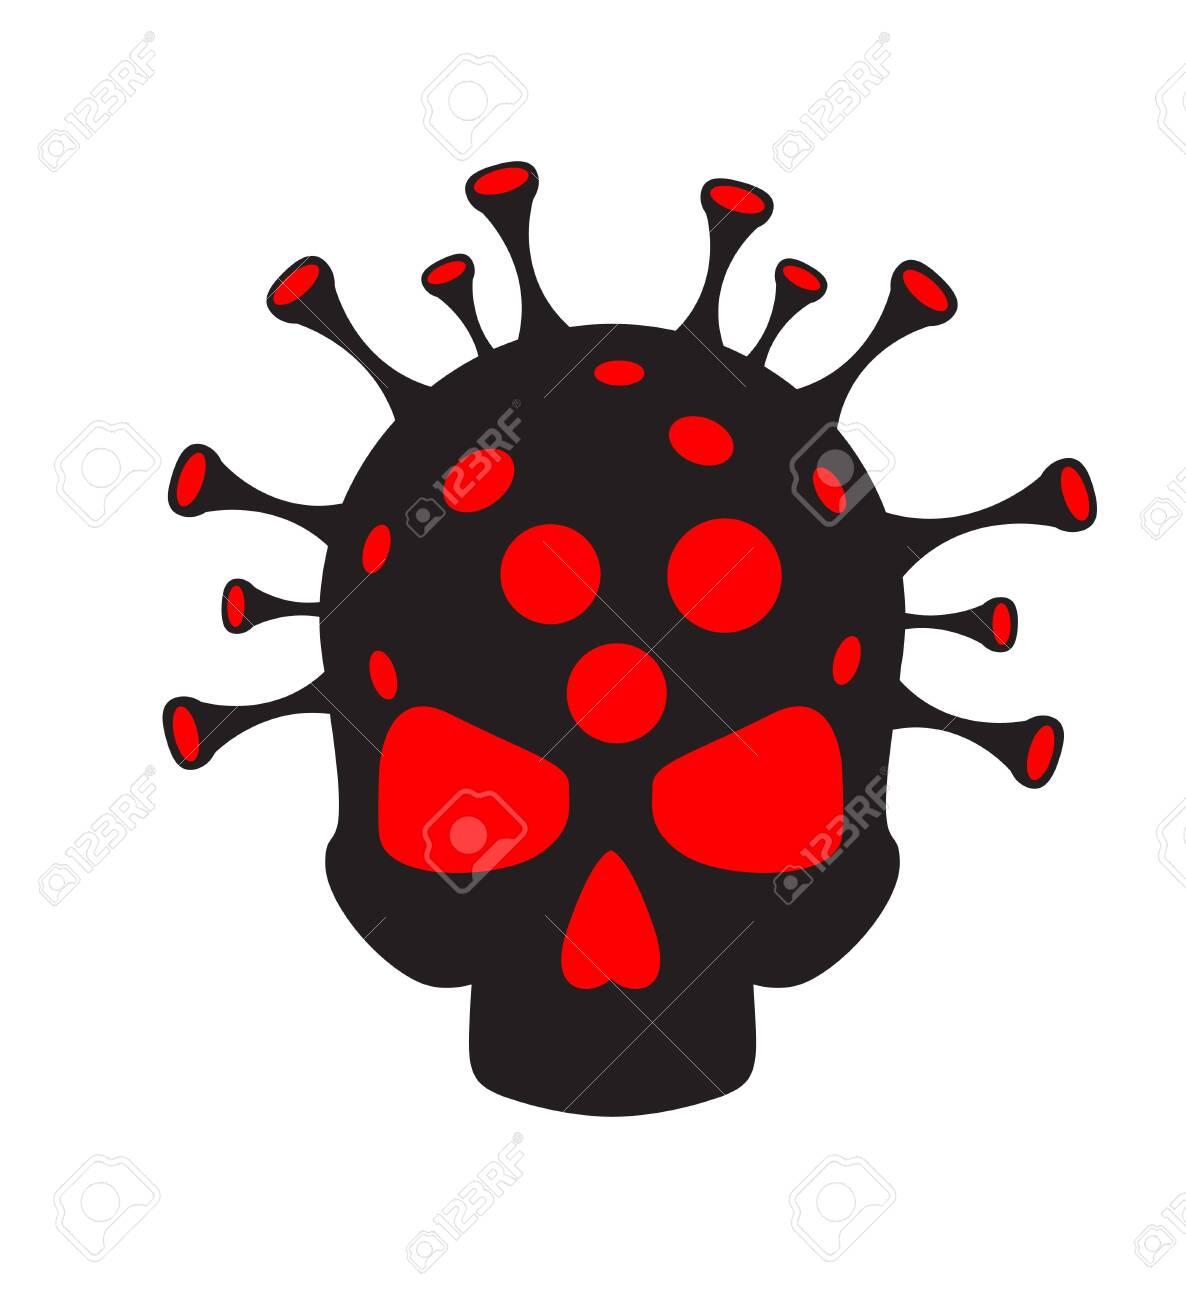 Coronavirus concept. Virus and skull. Abstract illustration - 146922048